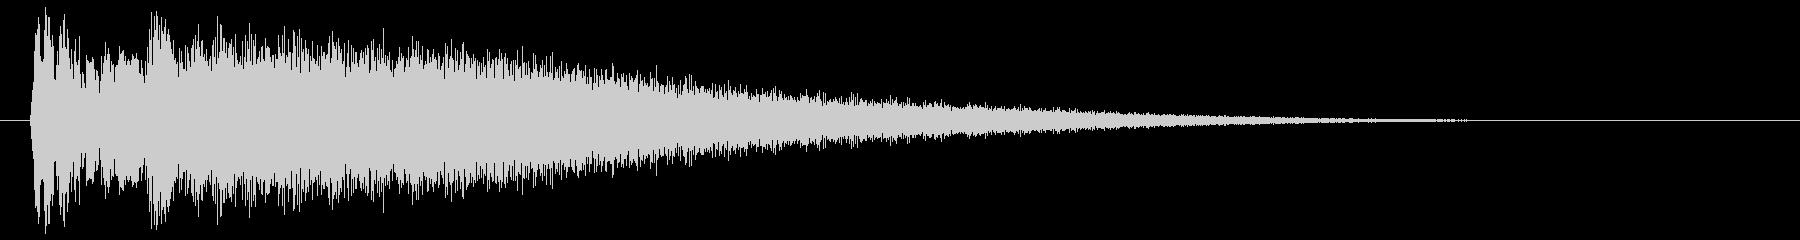 チーン(金属を叩いたときの高音)の未再生の波形